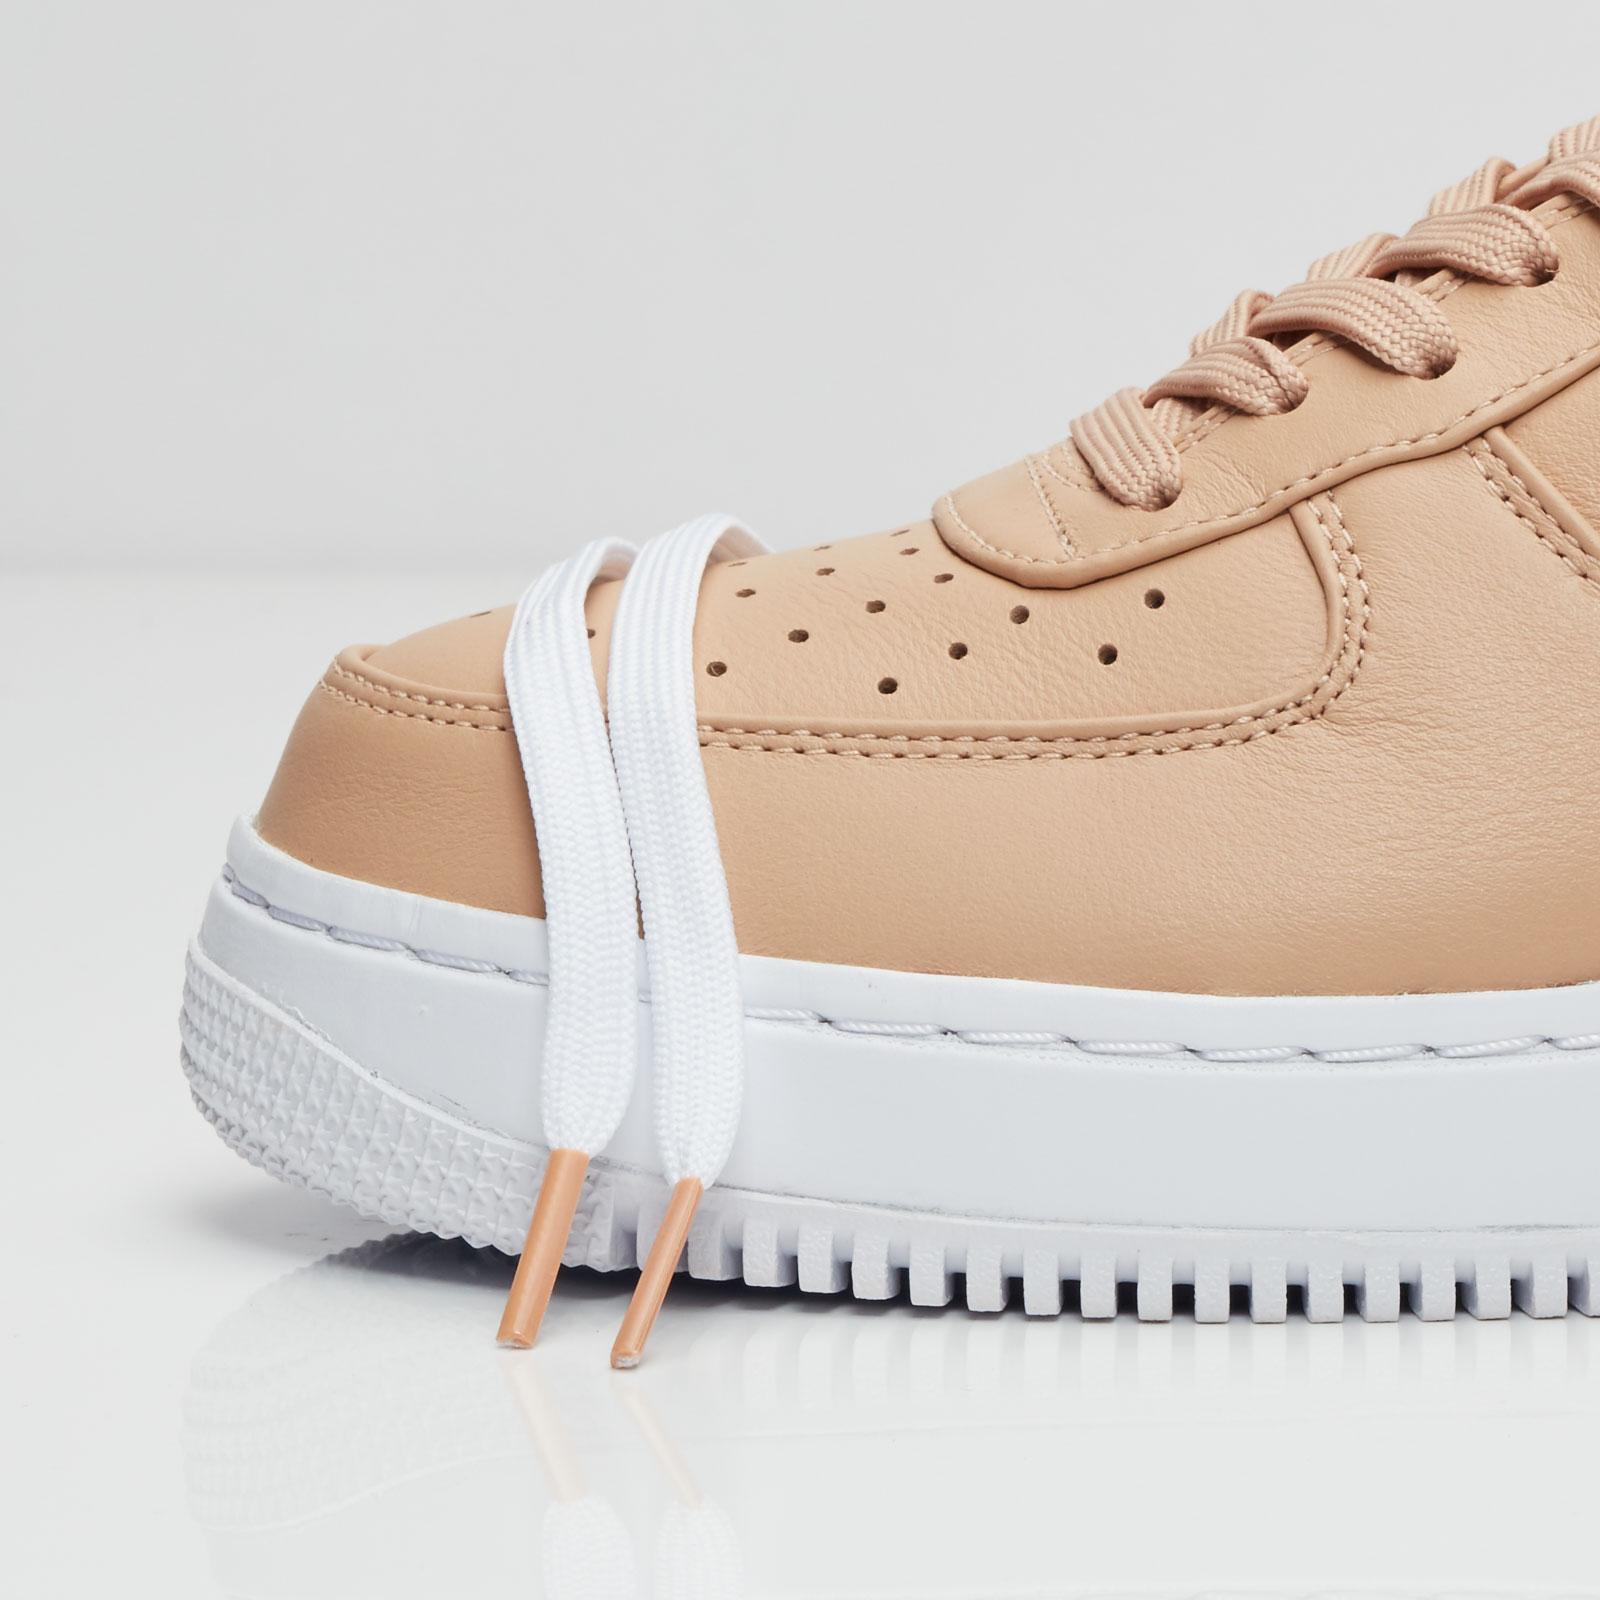 Nike Air Force 1 Low 555106 200 Sneakersnstuff